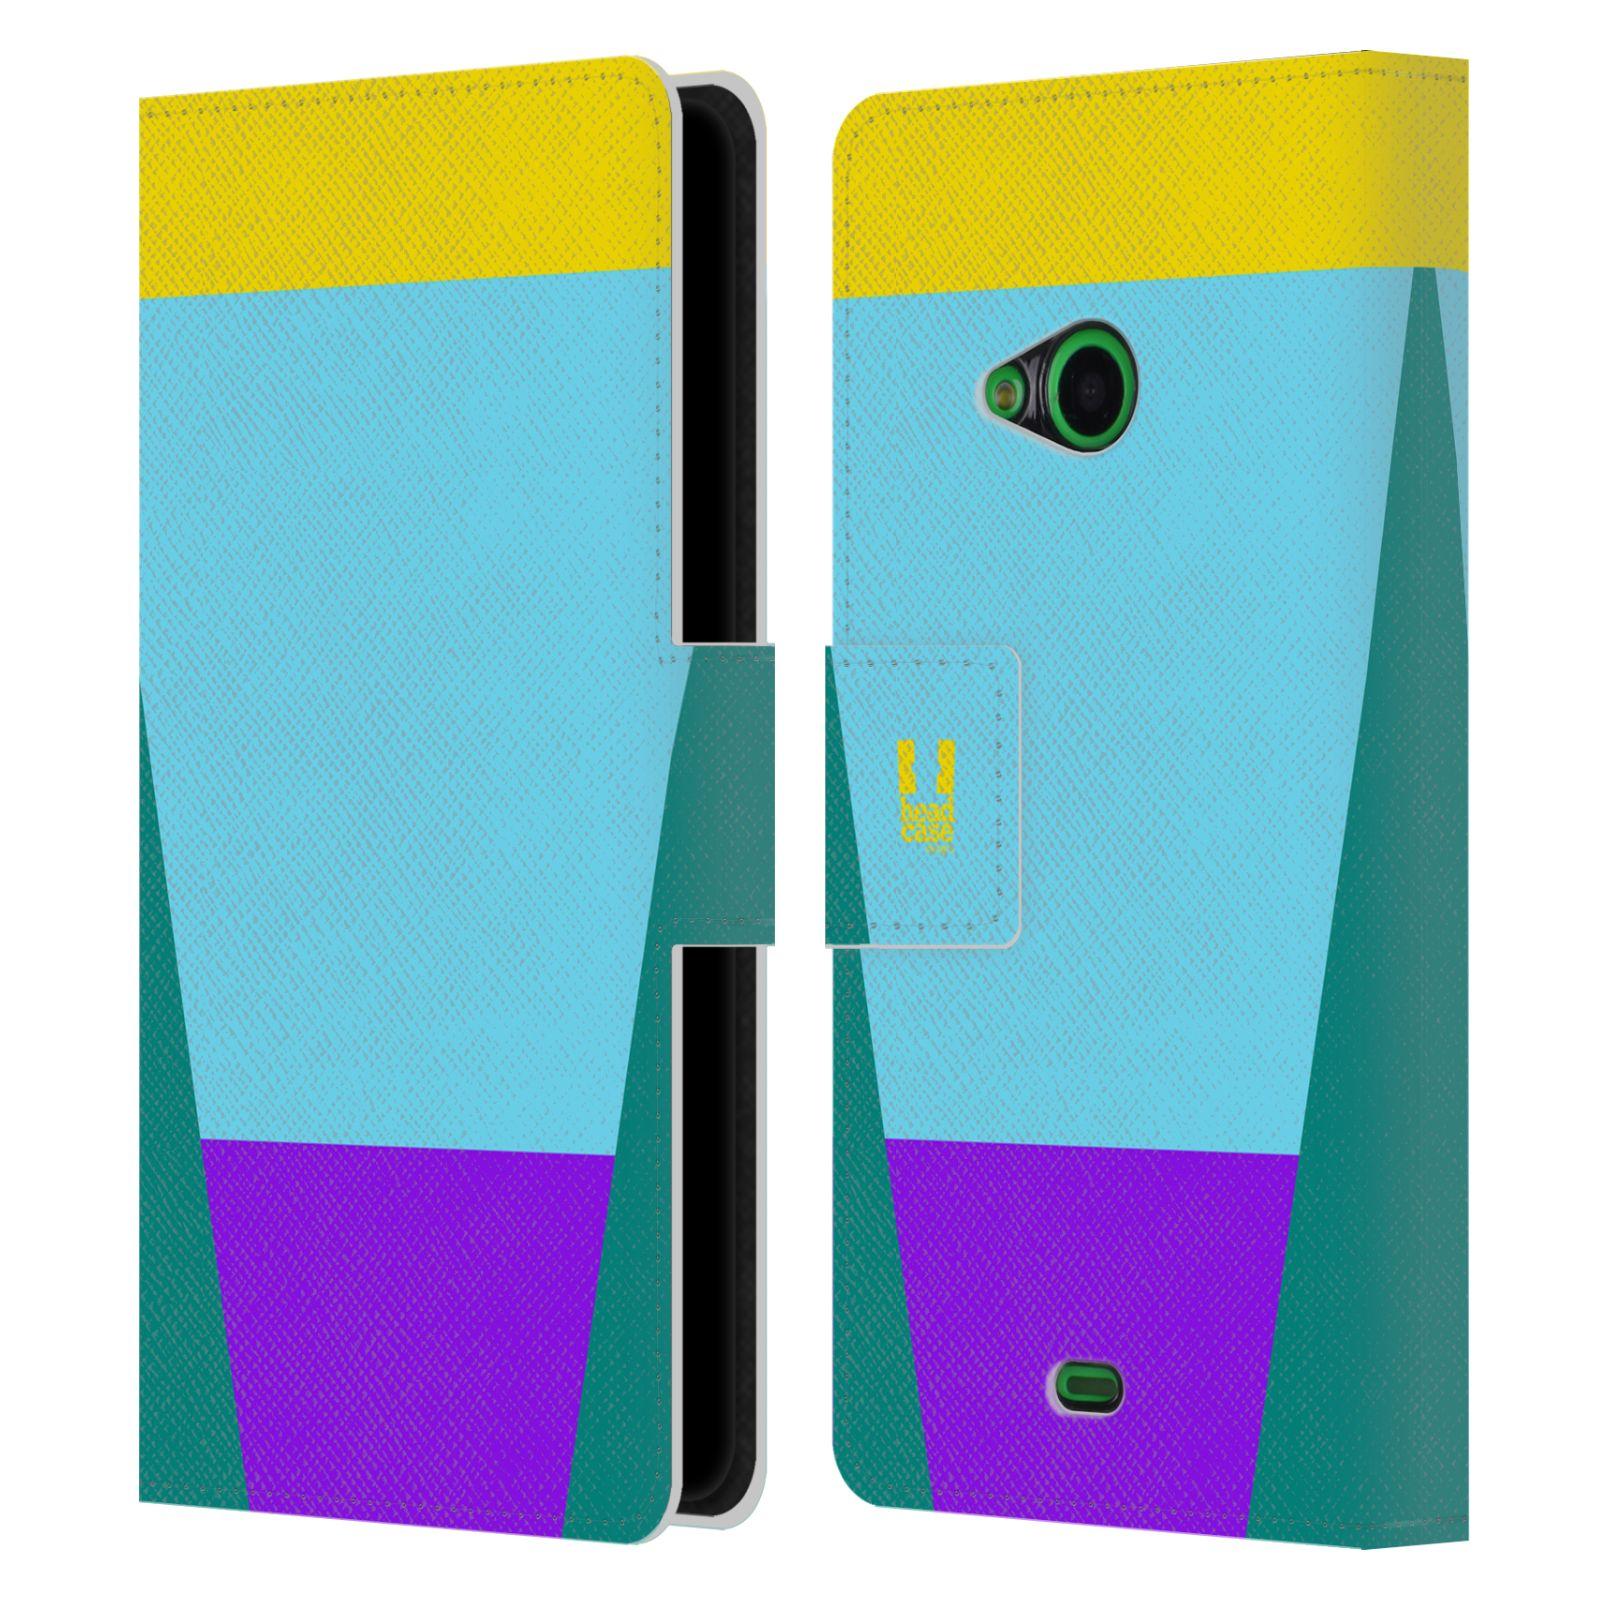 HEAD CASE Flipové pouzdro pro mobil Nokia LUMIA 535 barevné tvary nebesky modrá